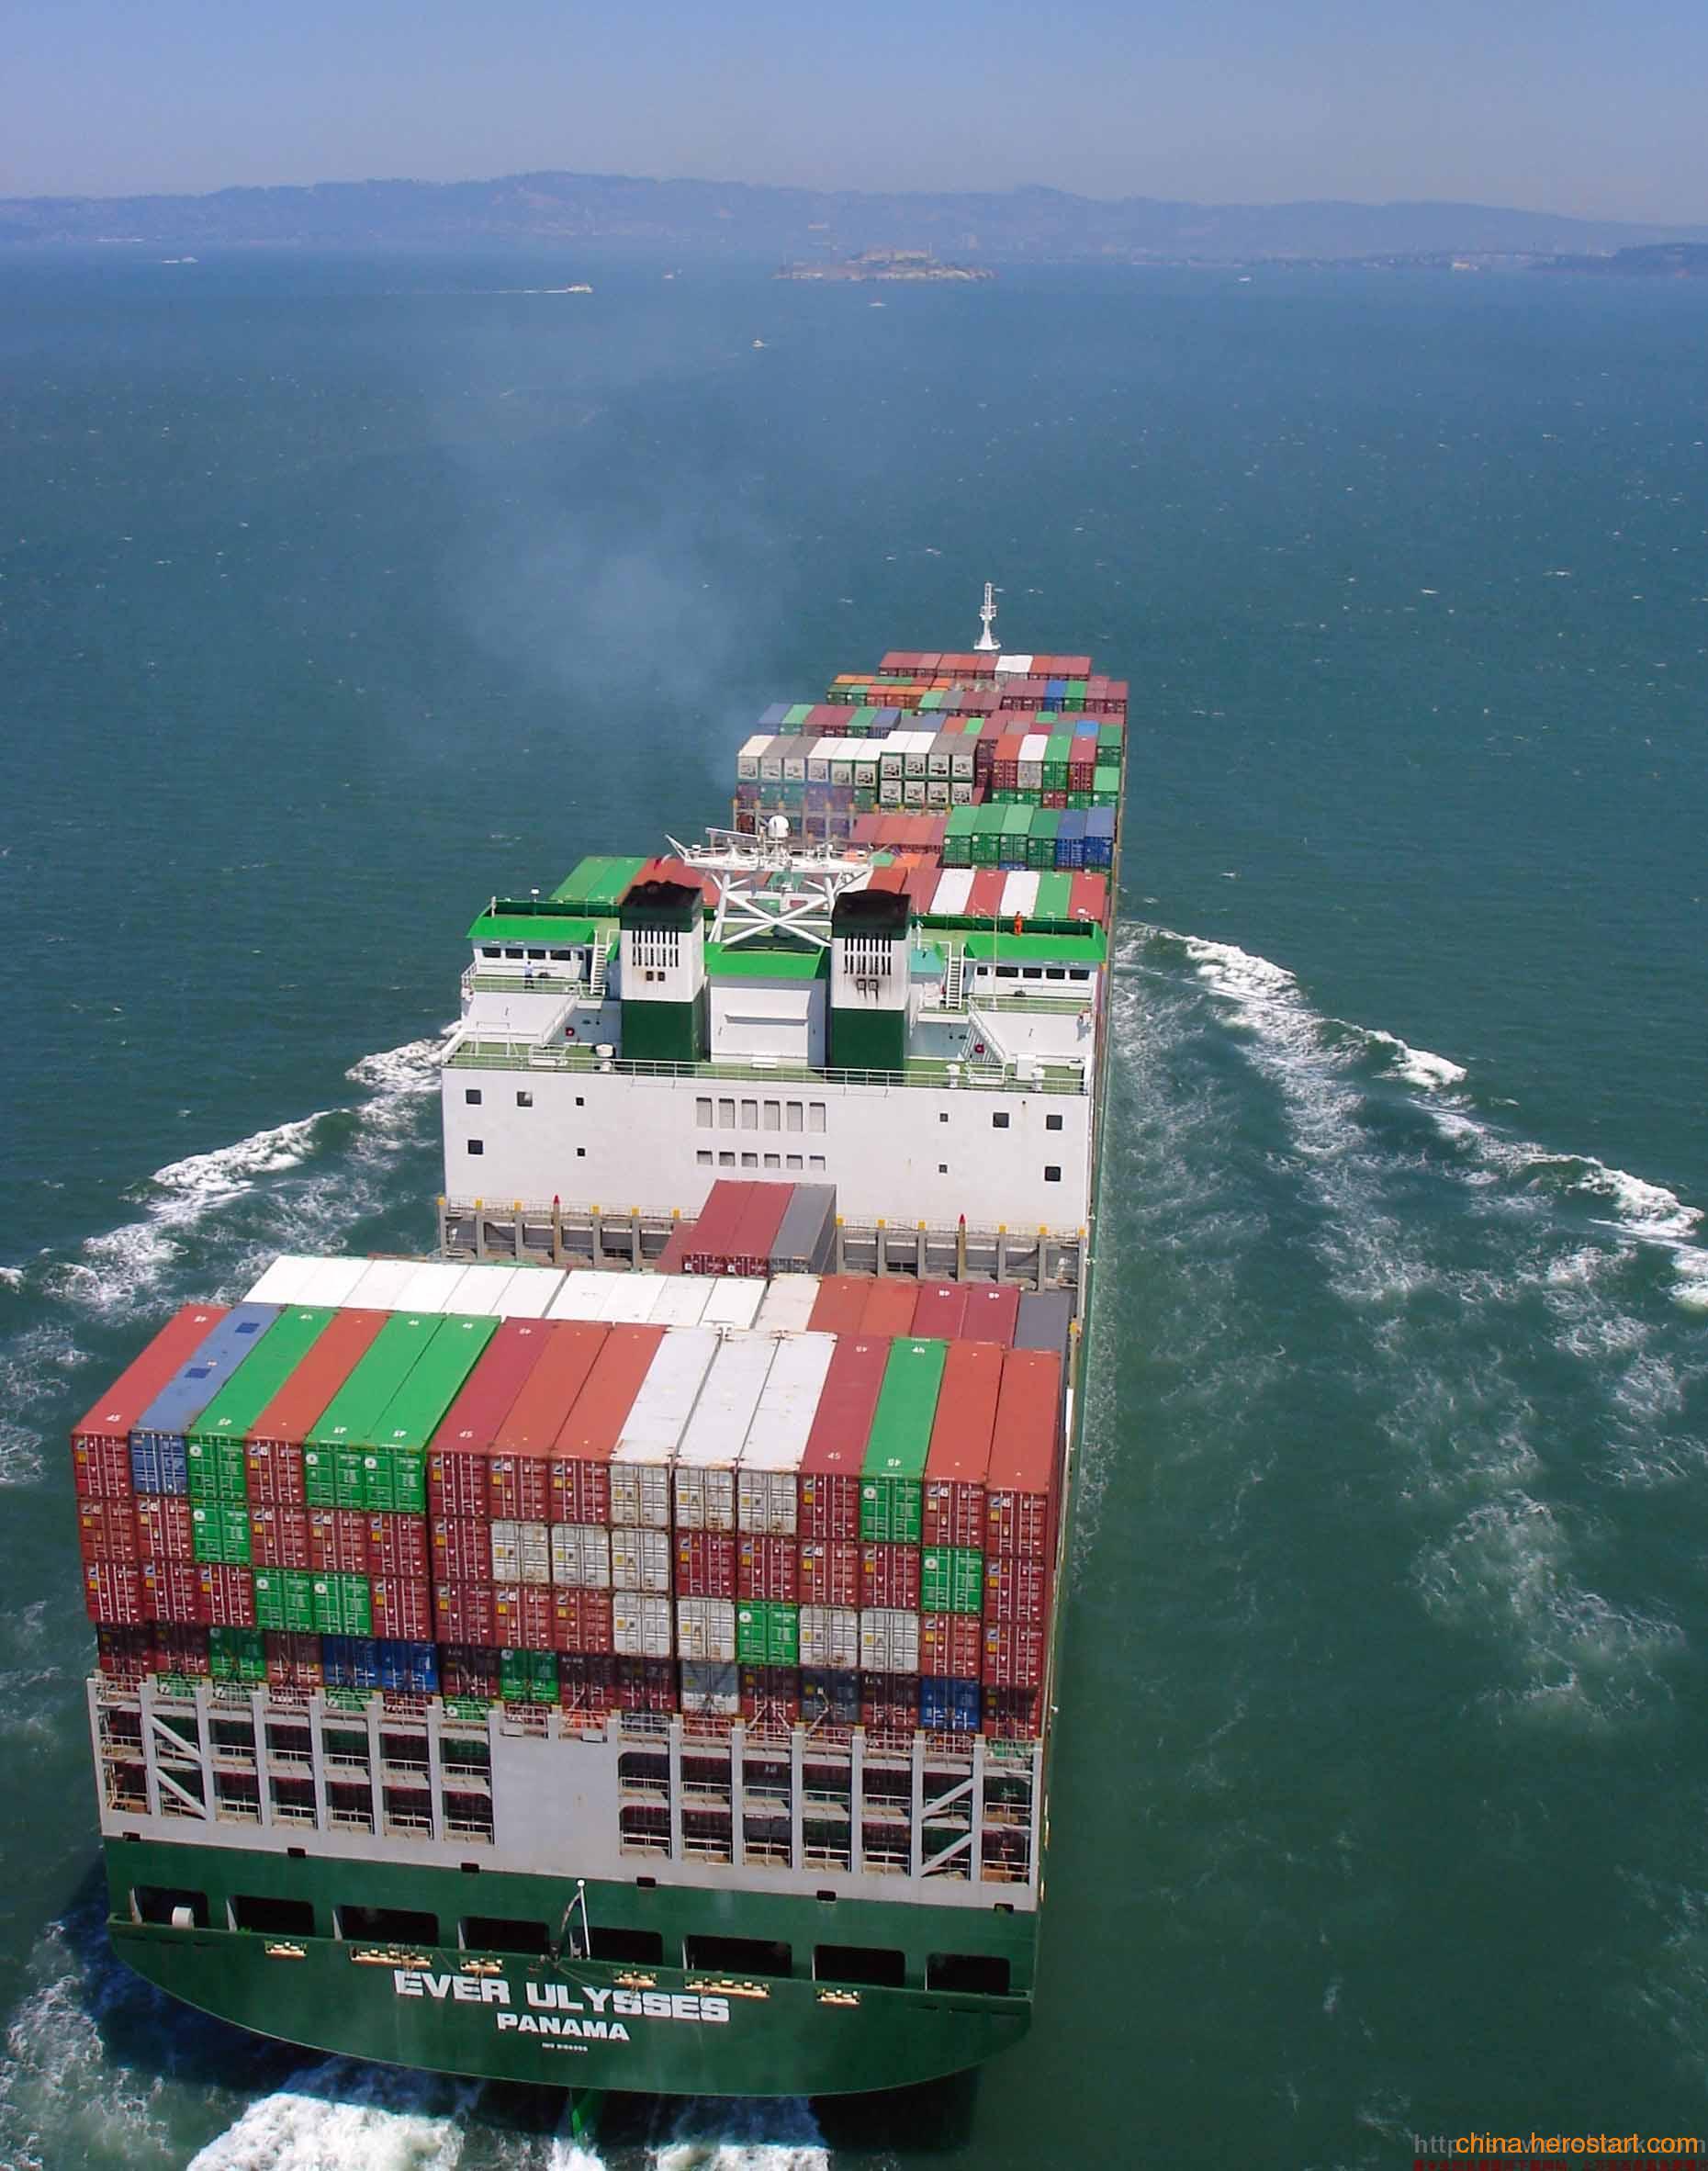 供应辽宁到蓬莱木材集装箱海运运输 国内物流公司最具实力 打造专业集装箱门到门运输